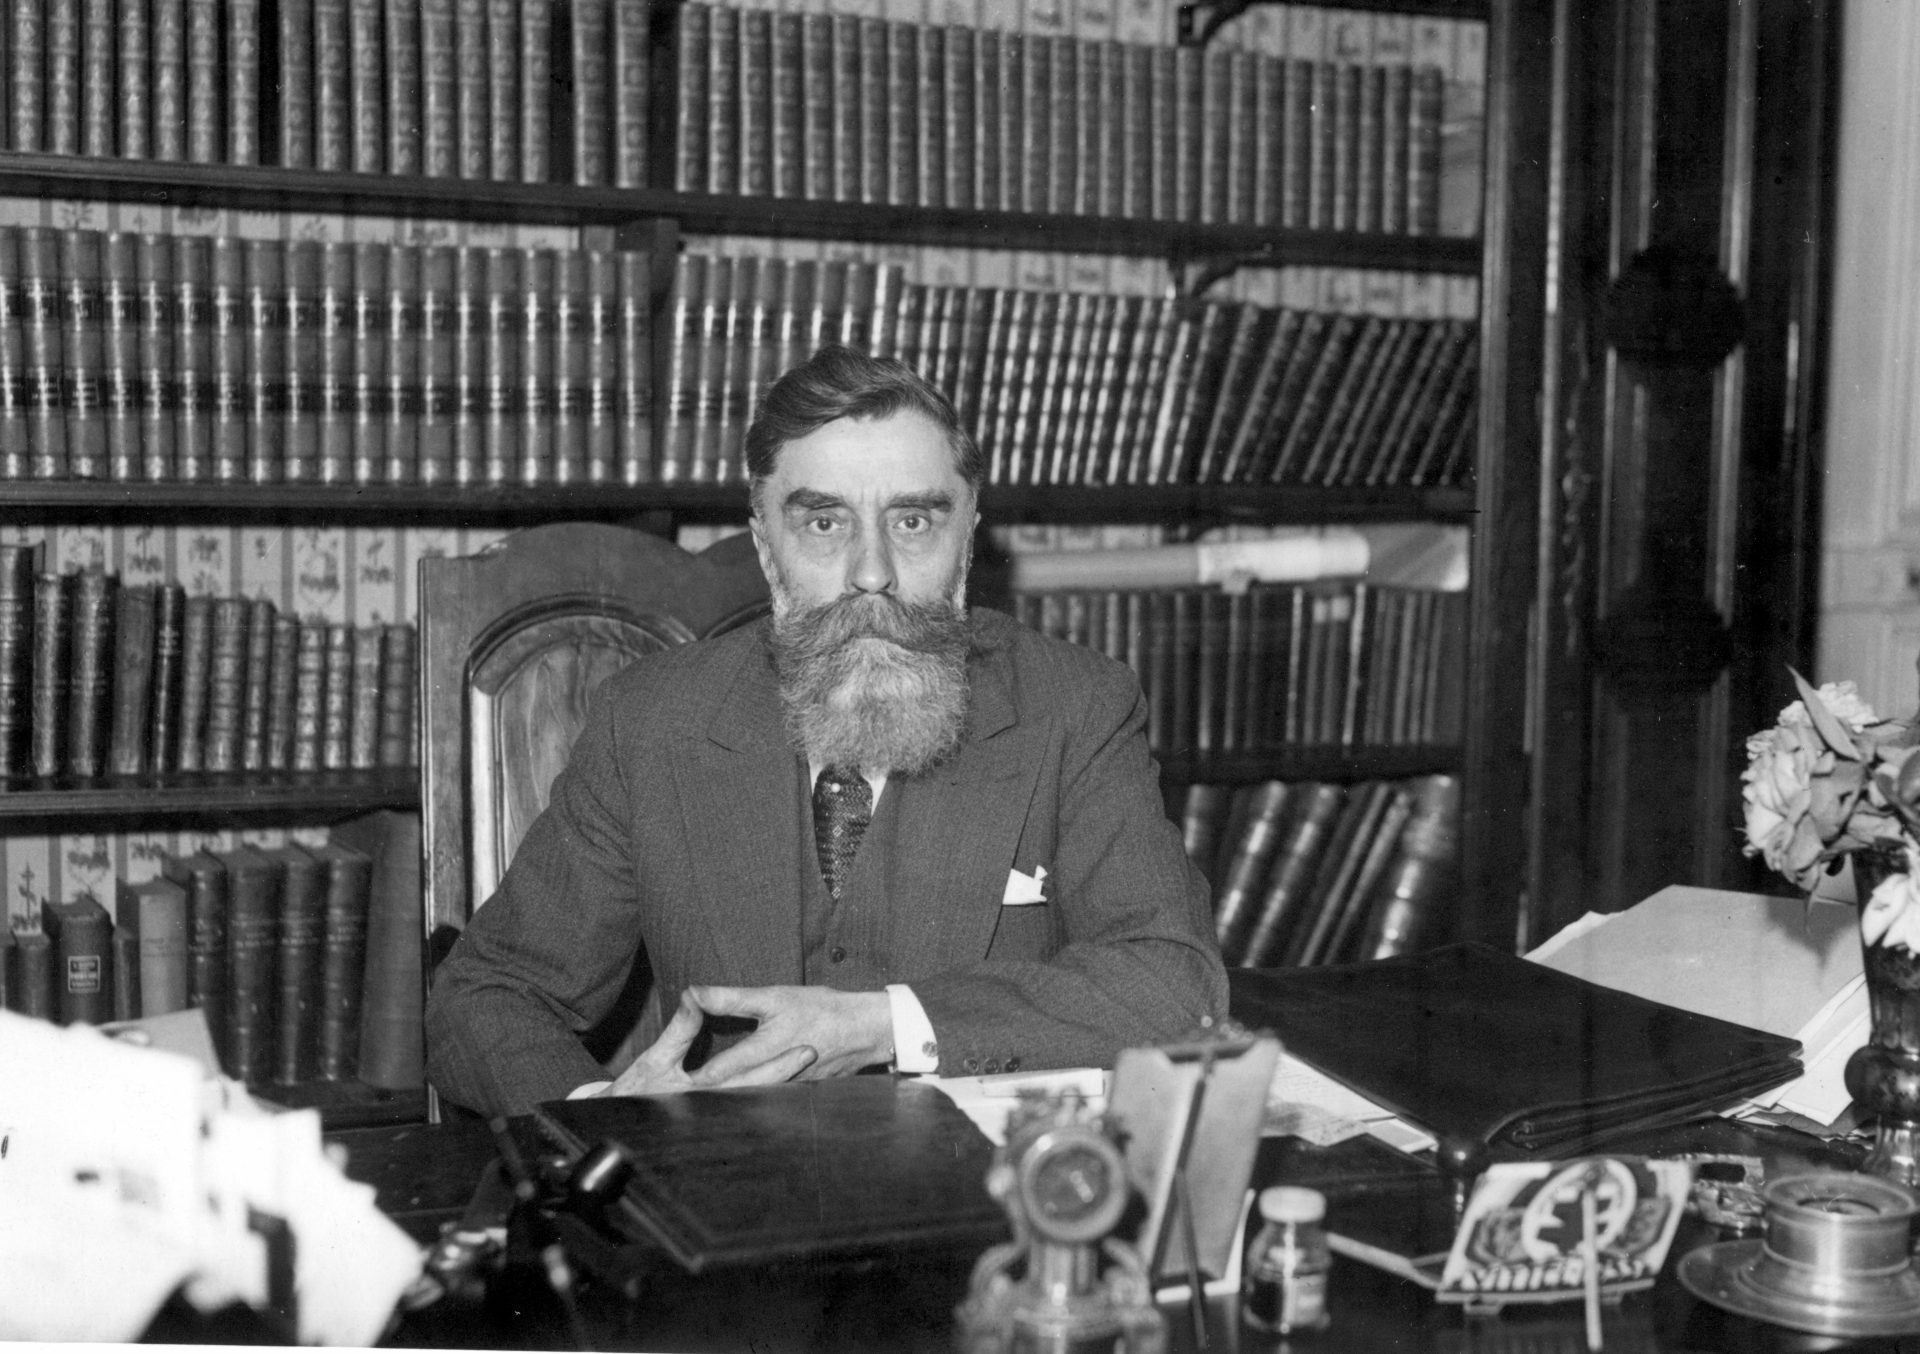 Alexandre Varenne assis à son bureau de travail devant sa bibliothèque